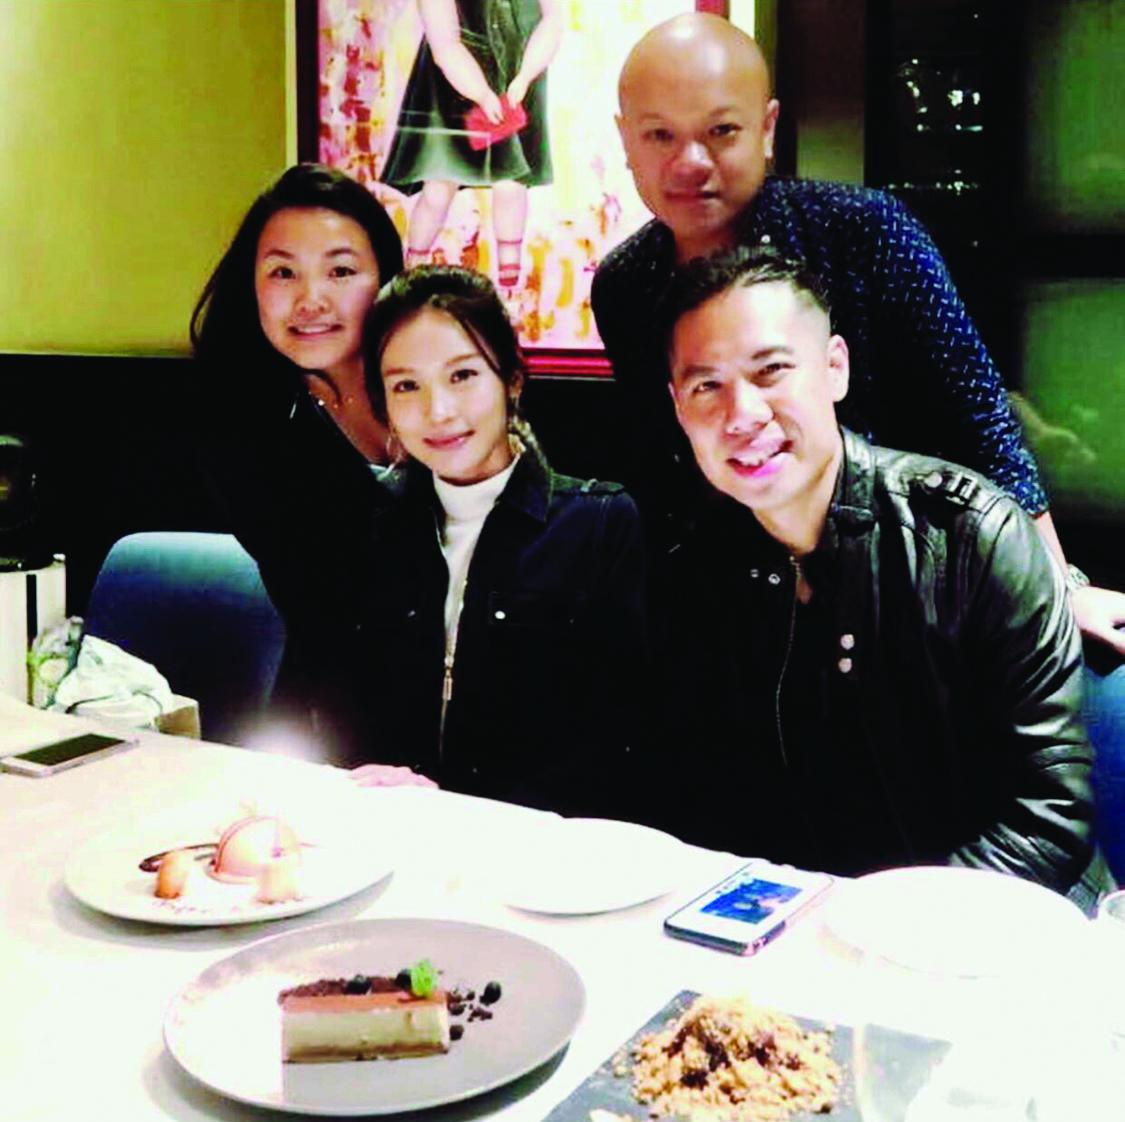 她表示與男友陳炳銓拍拖多年,完全沒有距離感,更大讚對方體貼。